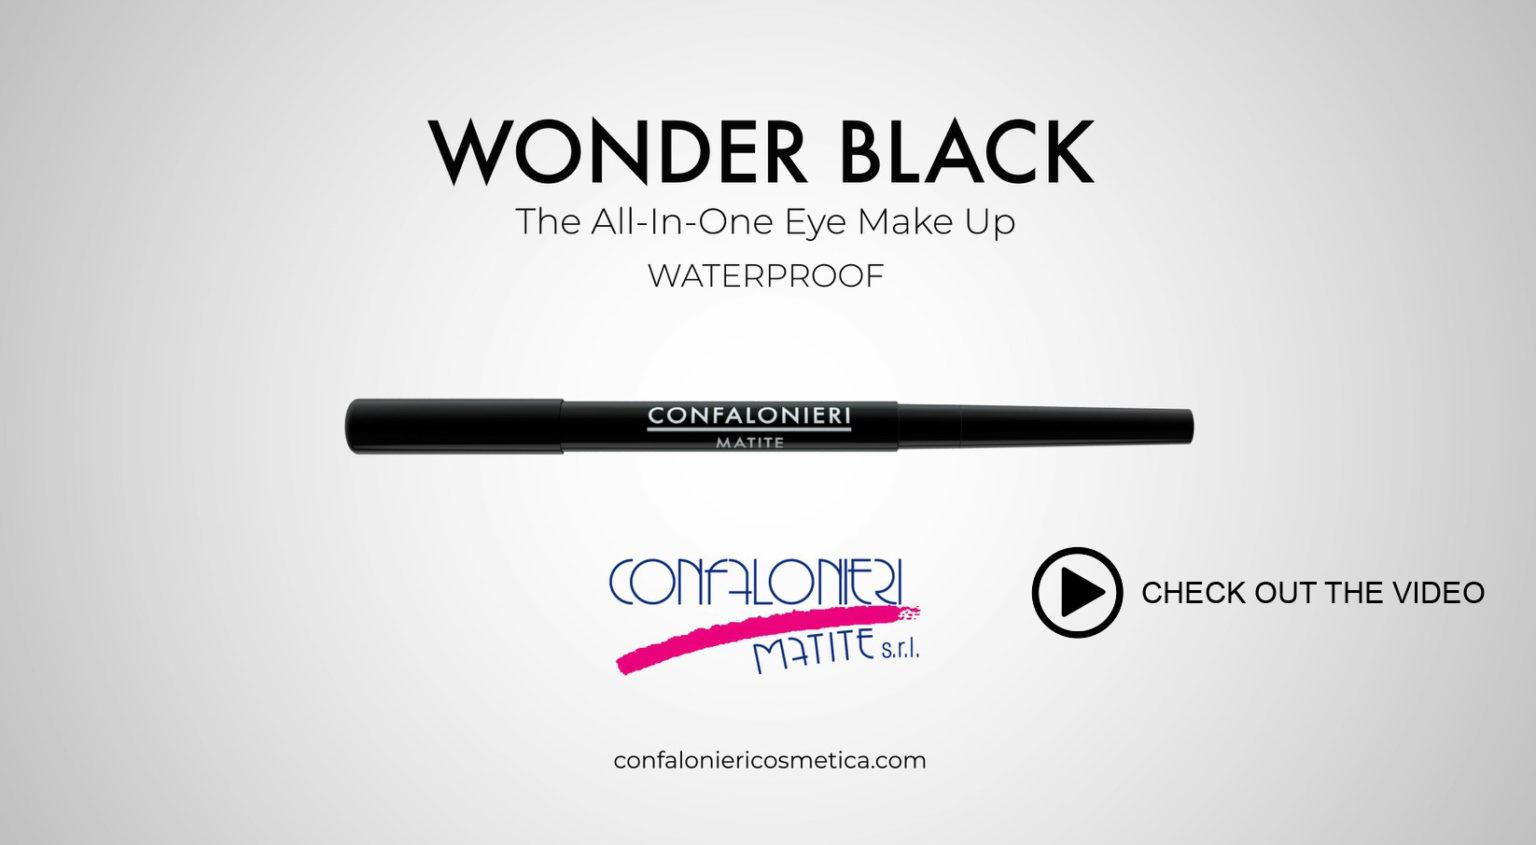 Wonder black waterproof